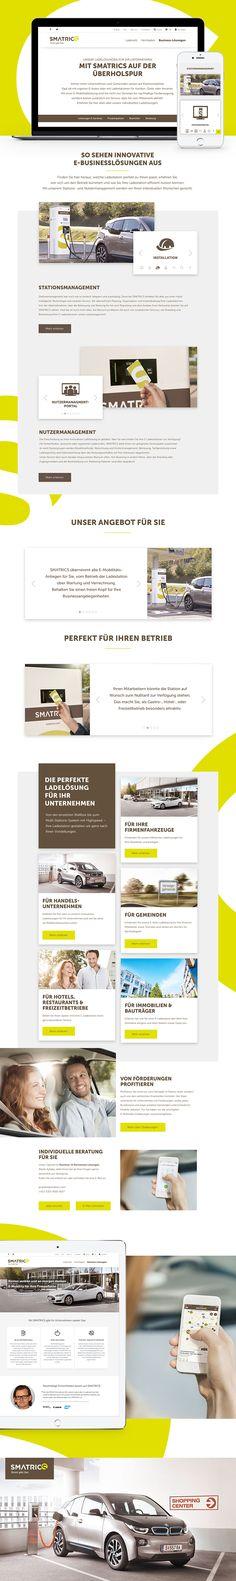 Konzept, Design, UX Gestaltung, SEO-Optimierung und Trackingkonzept für SMATRICS. Website Designs, Website, Design Websites, Website Layout, Web Design, Design Web